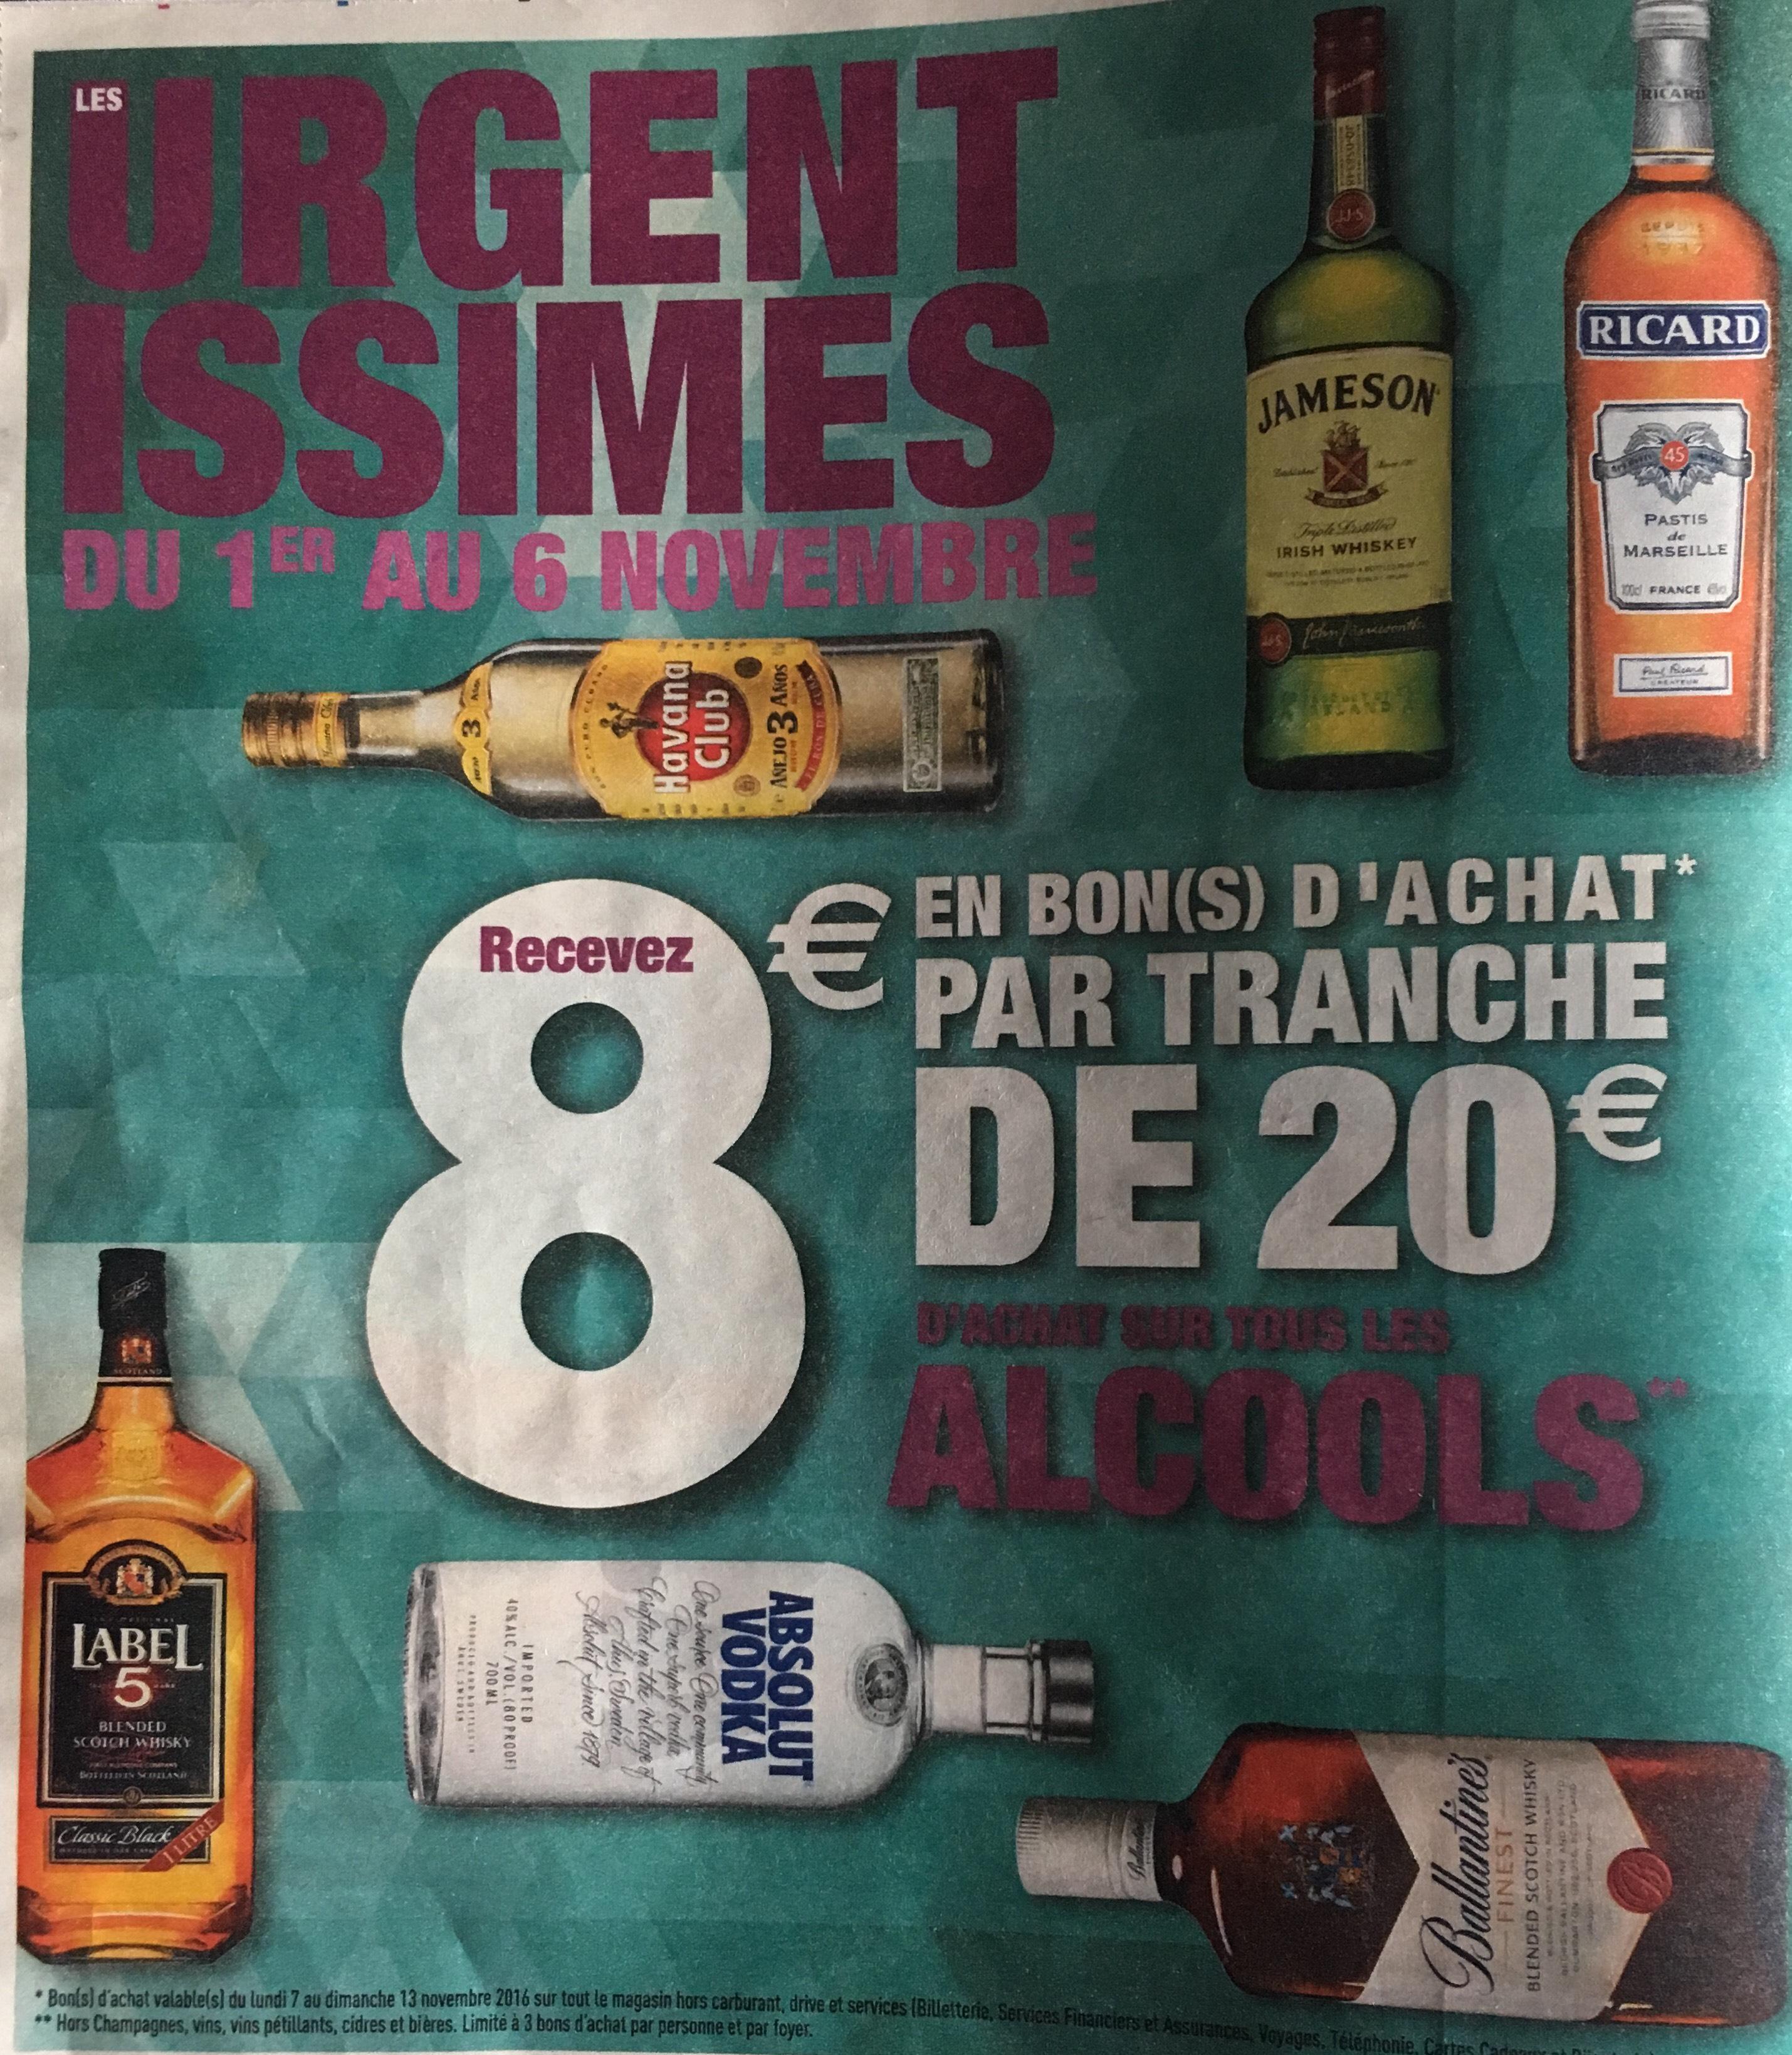 8€ offerts en bon d'achat par tranche de 20€ sur tous les alcools